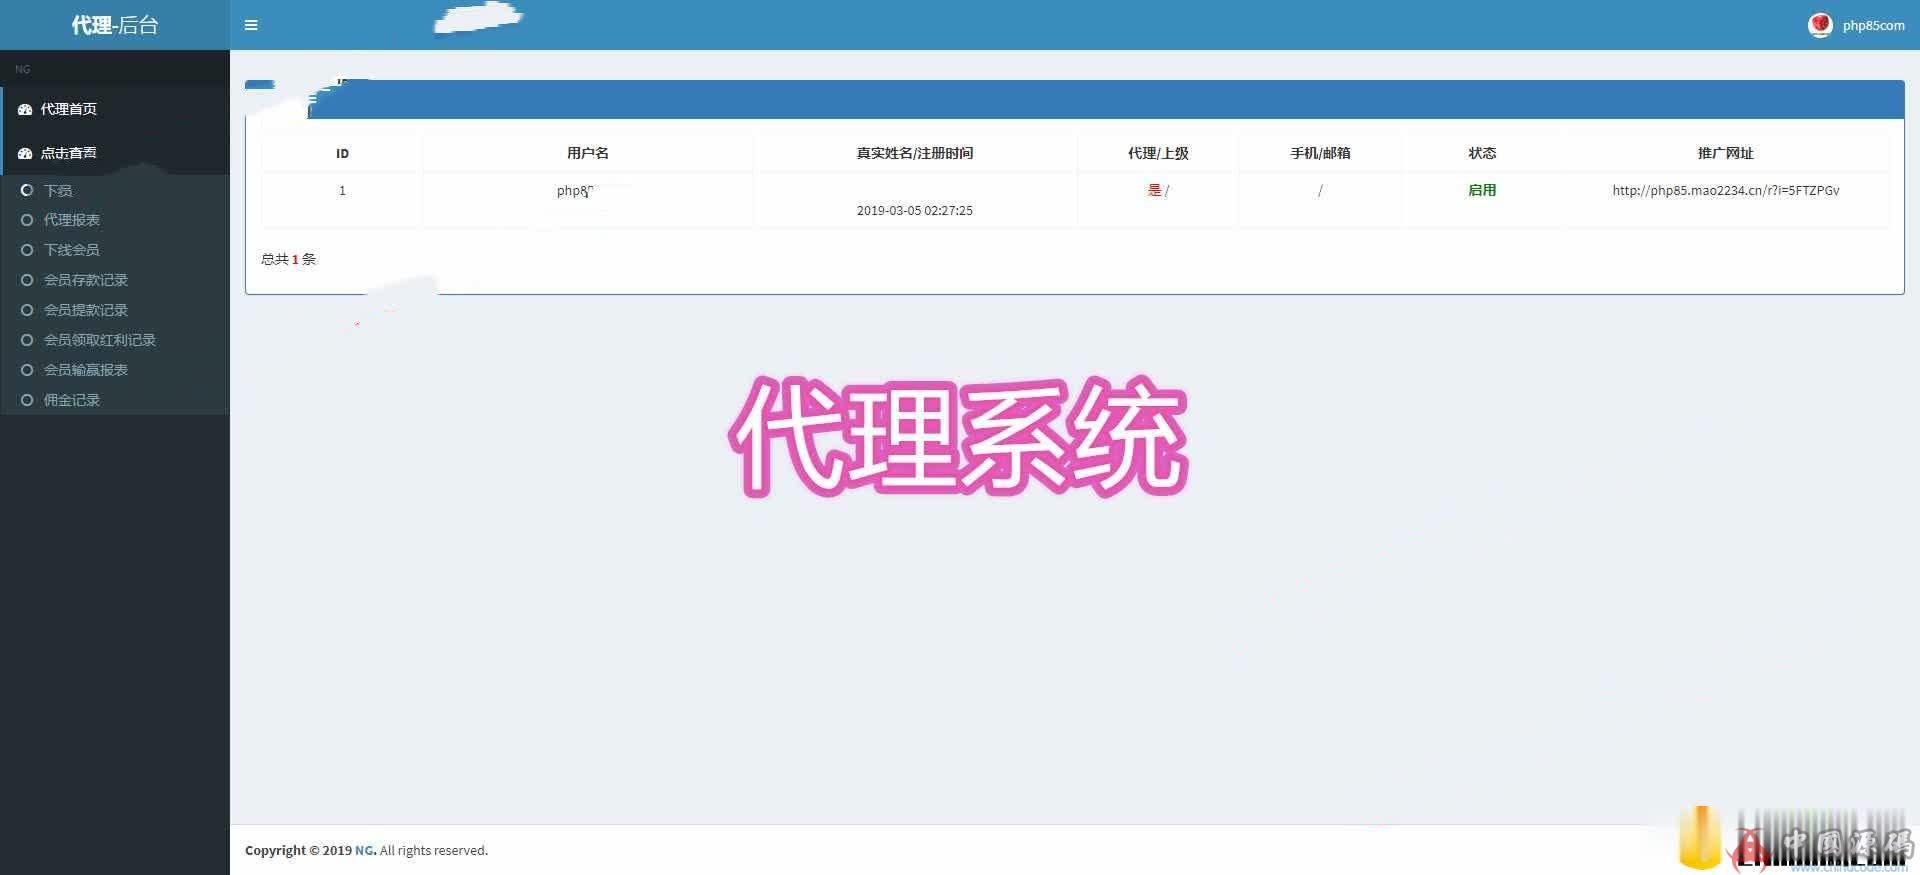 20套模板自由切换YLC整站源码+WAP手机端+免转系统+代理系统+安装教程 网站-第6张